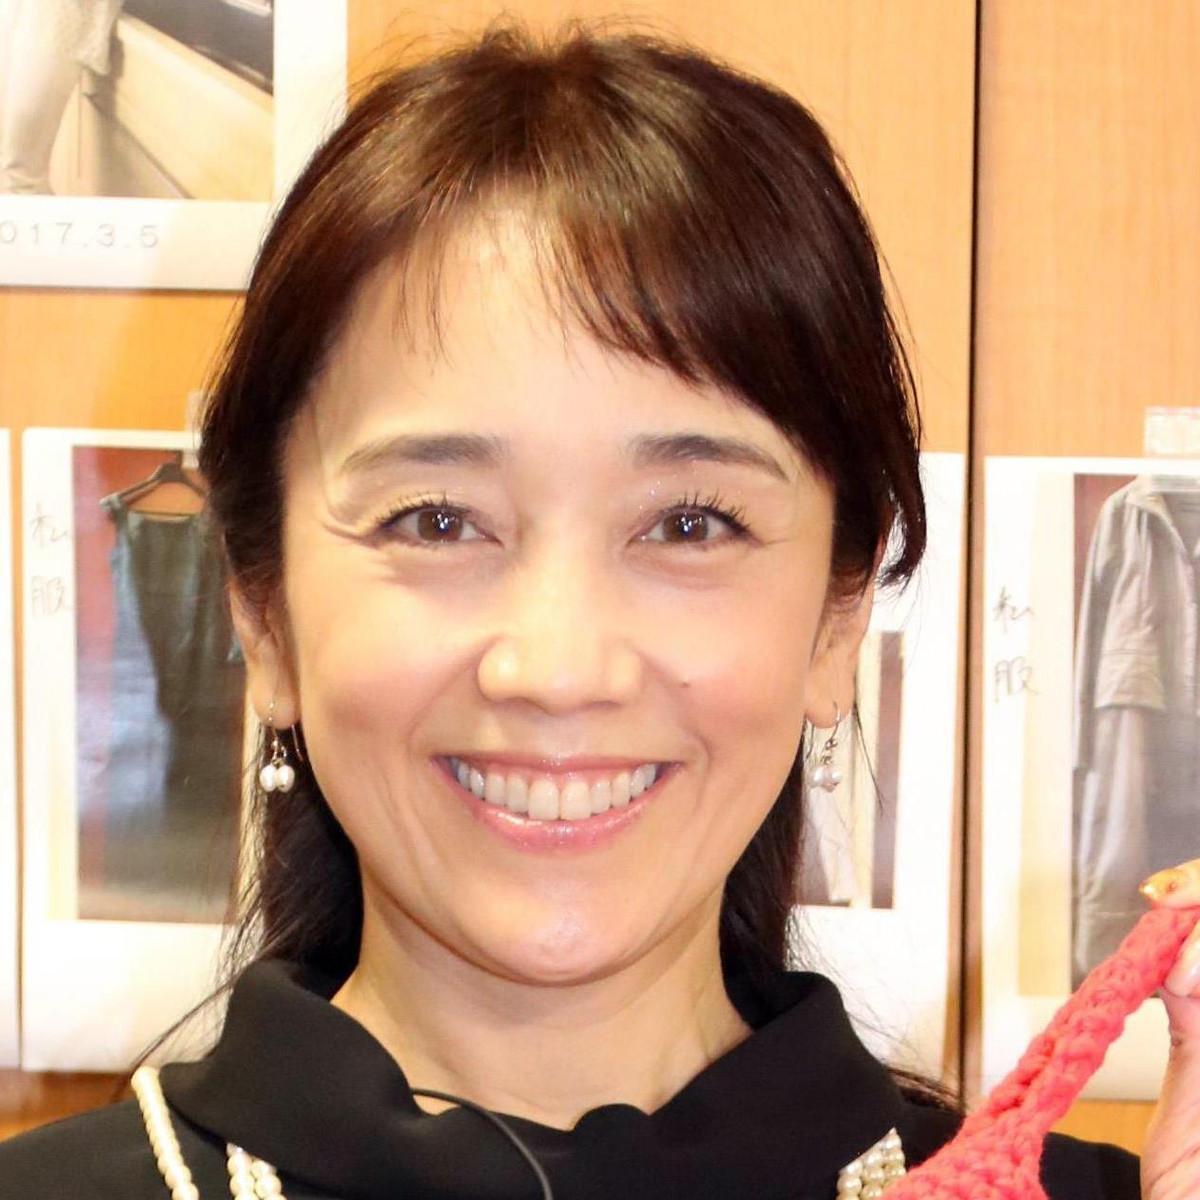 西田ひかる、インスタ開設しキラキラニットの近影披露「なんて若い」と驚きの声 (2020年9月29日) - エキサイトニュース